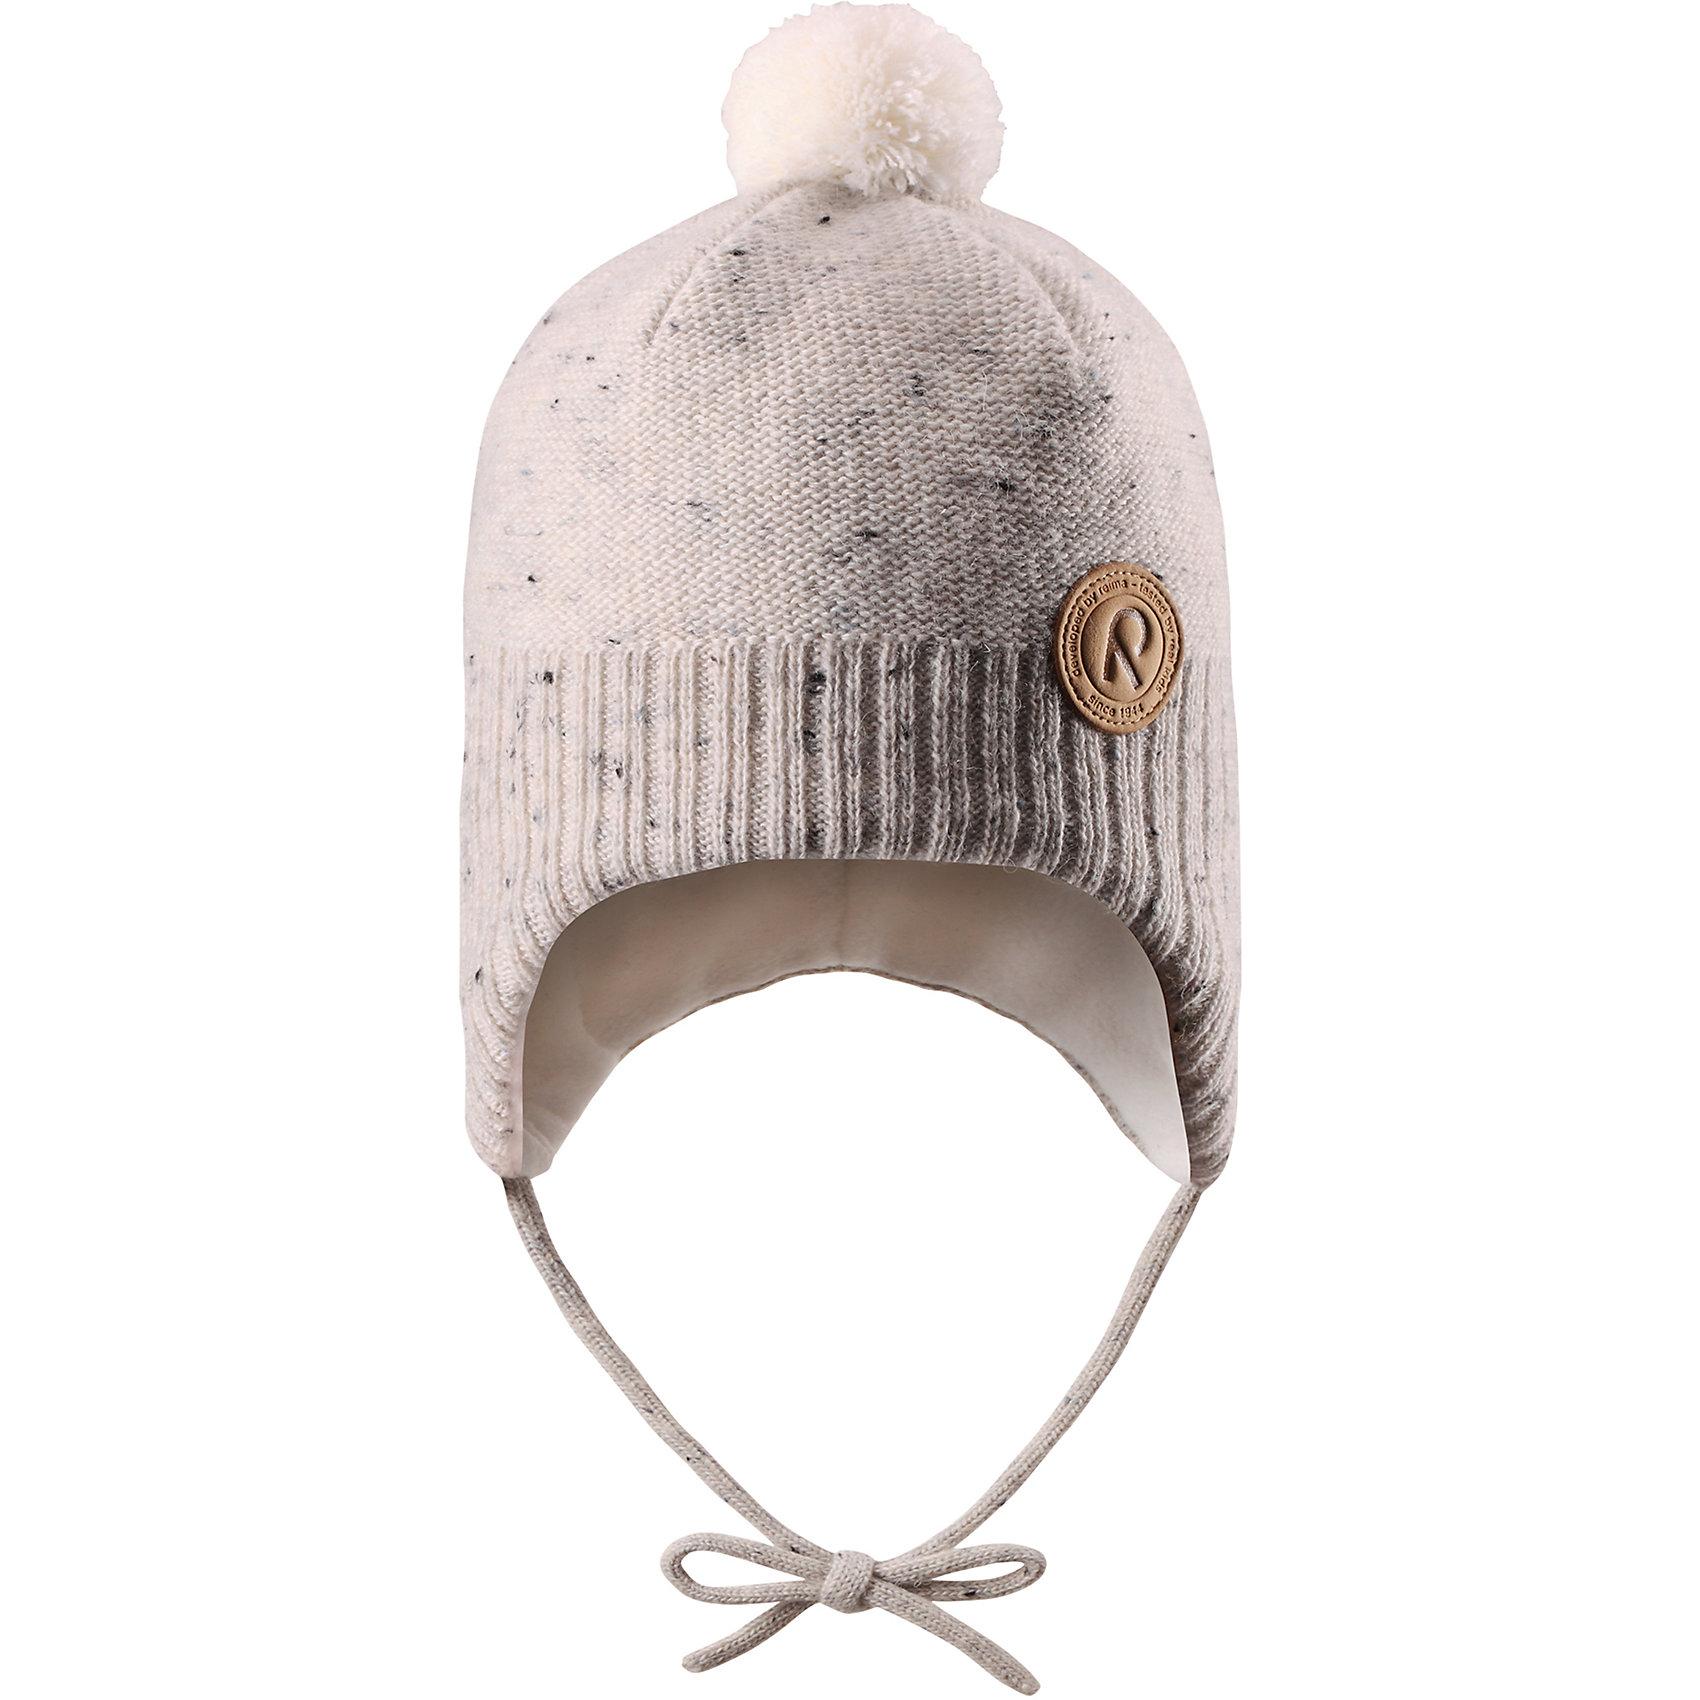 Шапка Yll?s ReimaГоловные уборы<br>Шерстяная шапка для малышей с чудесным рисунком надежно согреет в холодный зимний день! Эта шапка для малышей из мериносовой шерсти подарит уют в морозную погоду: мягкая флисовая подкладка обеспечит ребенку тепло и комфорт. За счет эластичной вязки шапка отлично сидит, а ветронепроницаемые вставки в области ушей защищают ушки от холодного ветра. Благодаря завязкам эта стильная шапка не съезжает и хорошо защищает голову. Маленький помпон на макушке довершает образ!<br>Состав:<br>50% Шерсть, 50% Полиакрил<br><br>Ширина мм: 89<br>Глубина мм: 117<br>Высота мм: 44<br>Вес г: 155<br>Цвет: белый<br>Возраст от месяцев: 36<br>Возраст до месяцев: 48<br>Пол: Унисекс<br>Возраст: Детский<br>Размер: 50,52,46,48<br>SKU: 6907141